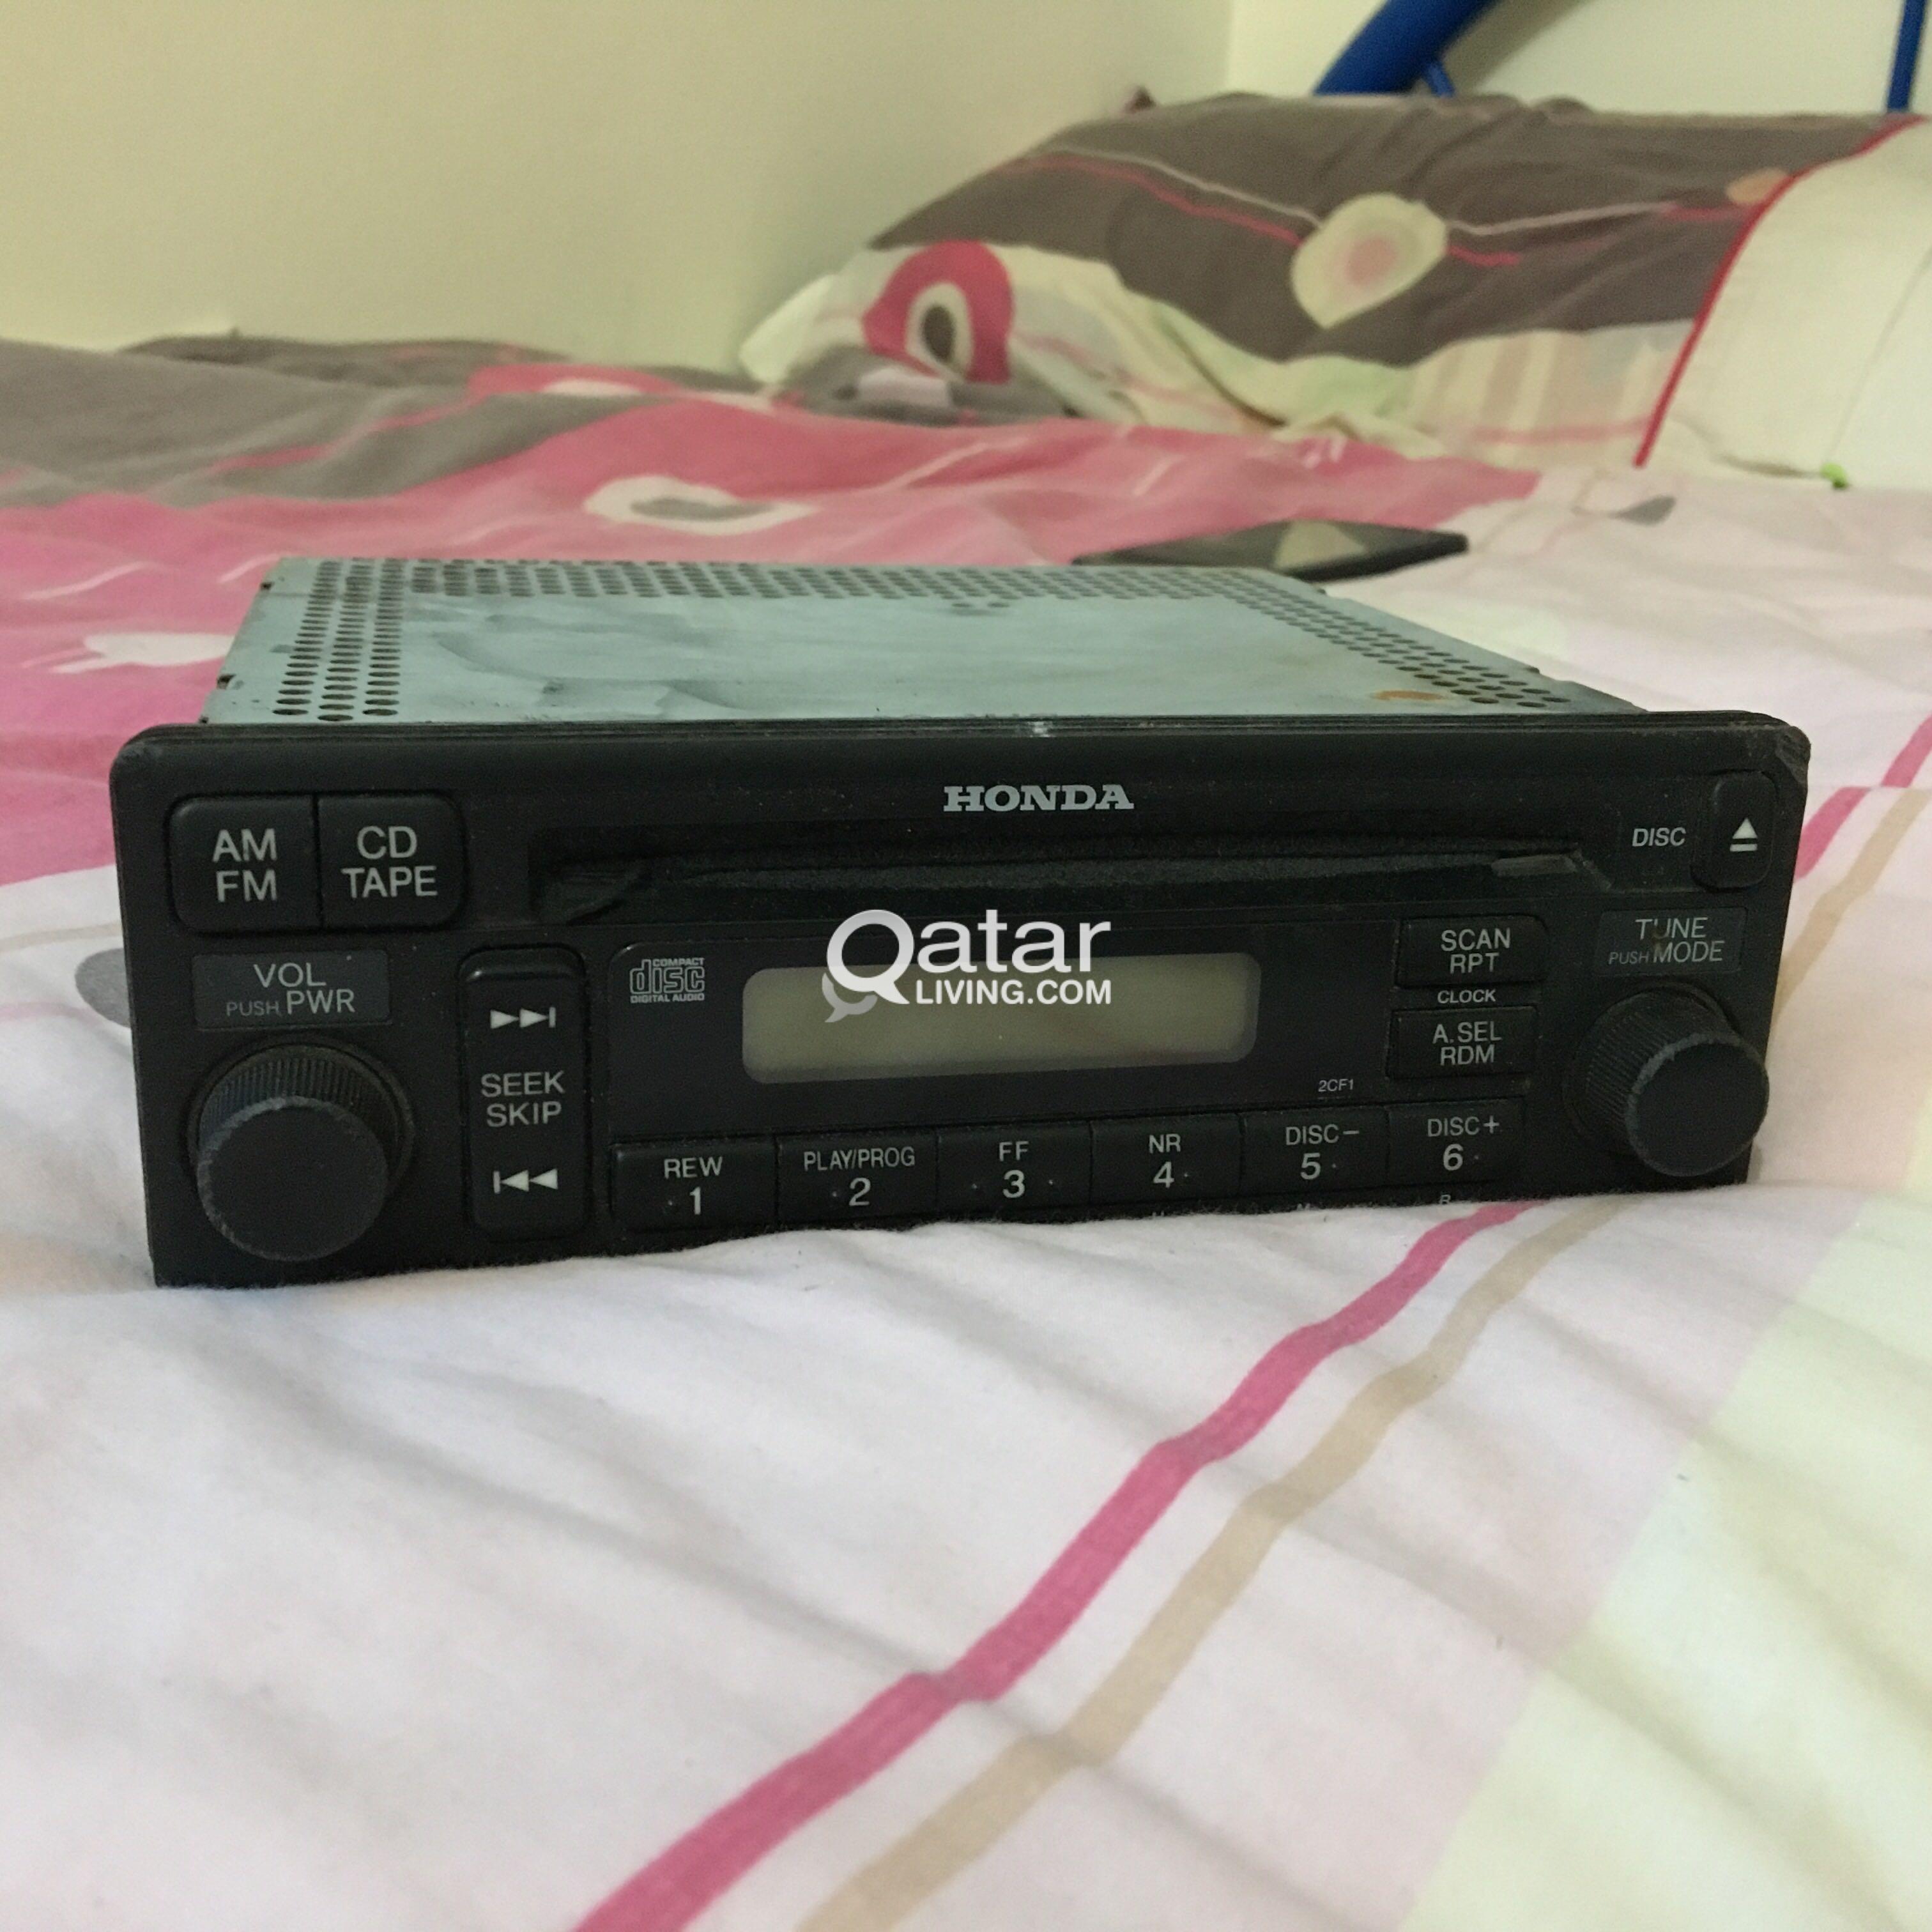 Orginal Honda CD player for sale